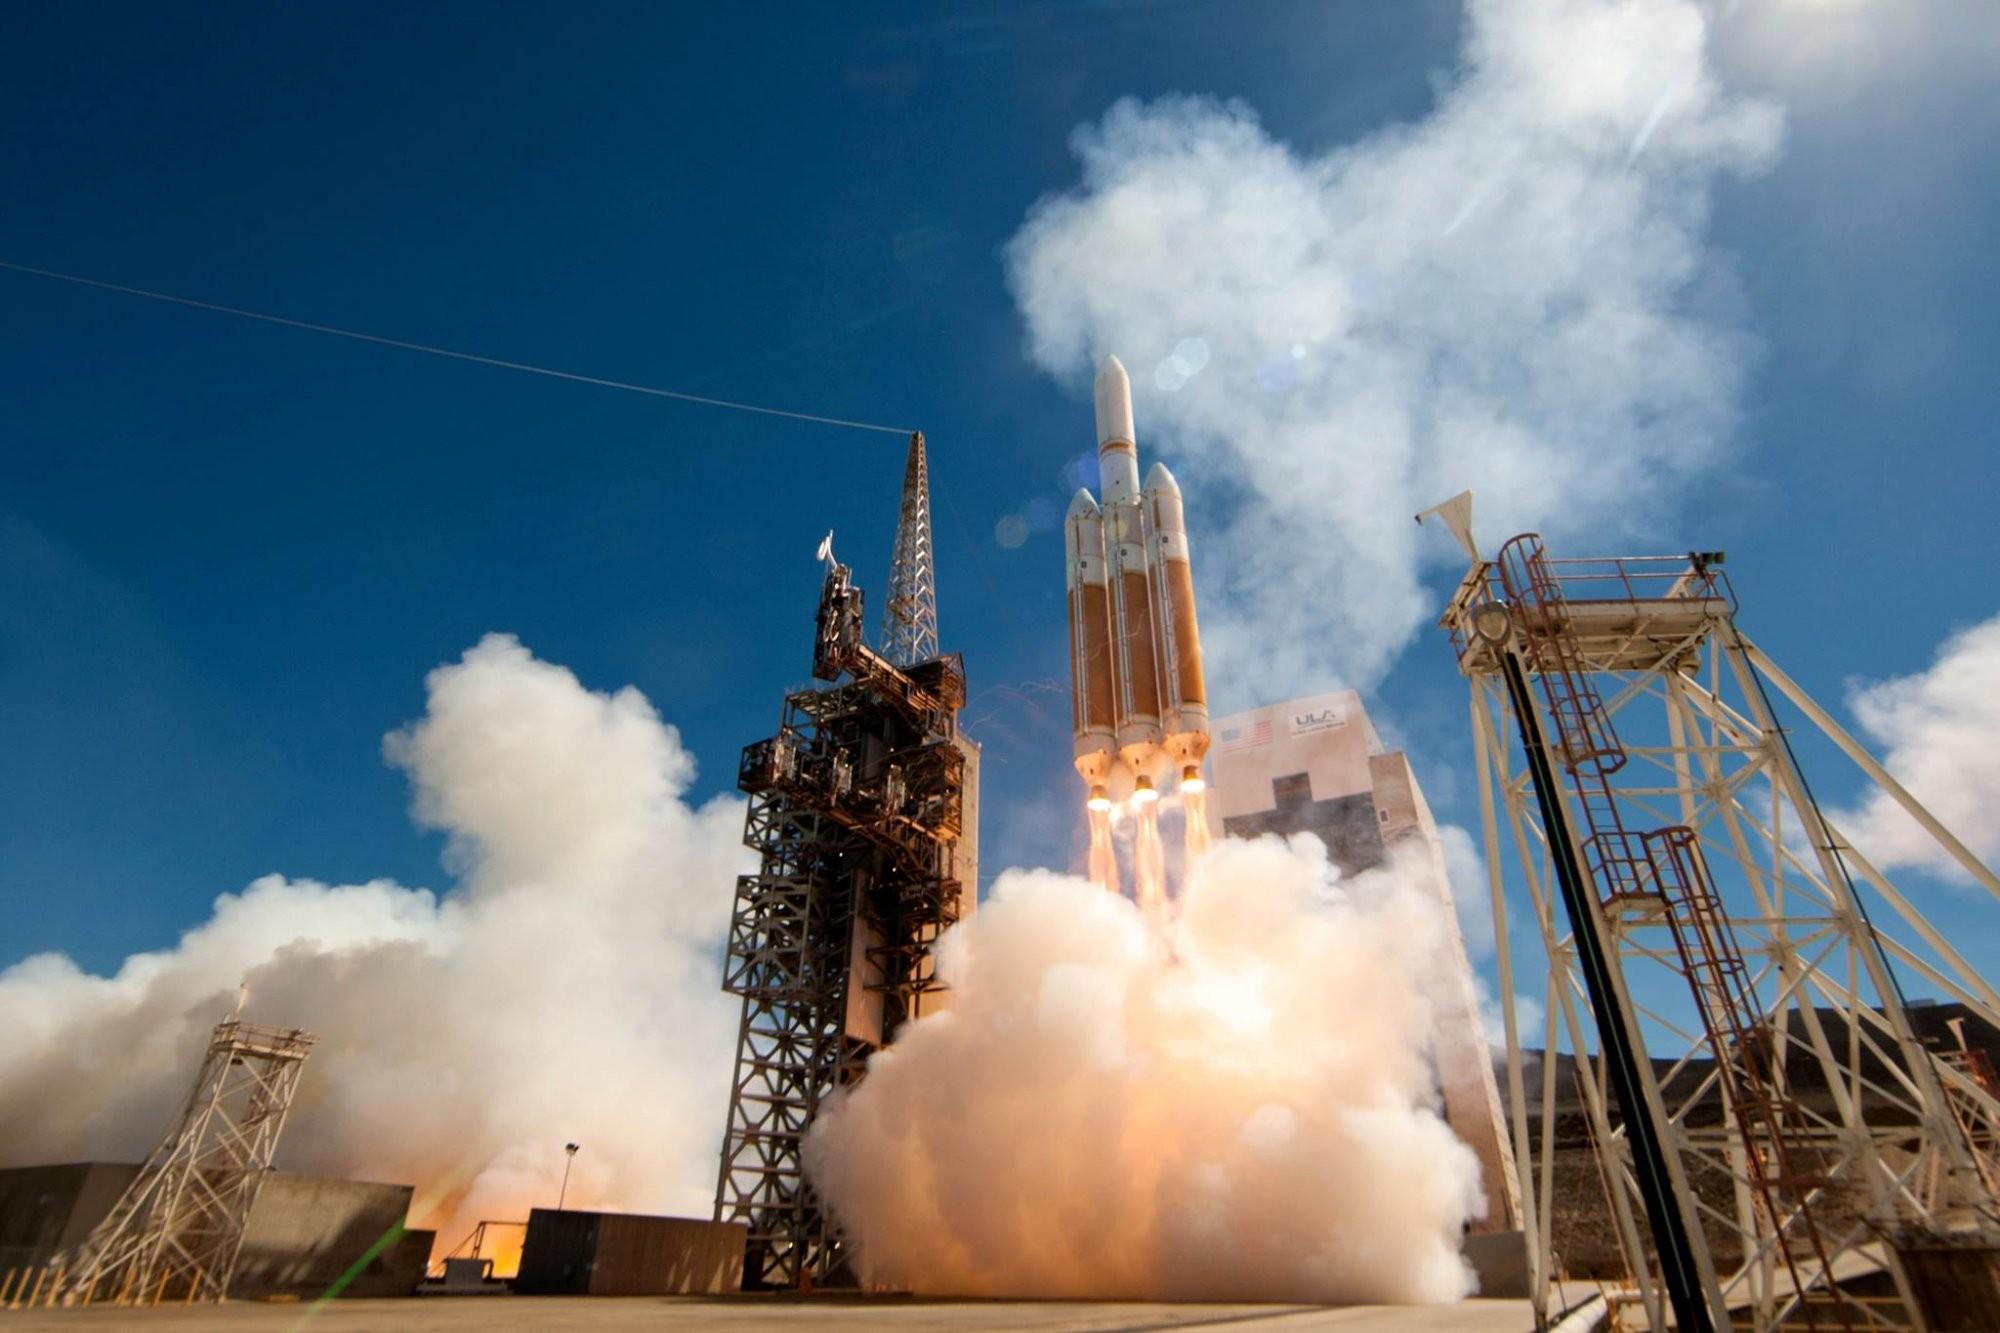 Казахстан планирует запустить два спутника из Калифорнии